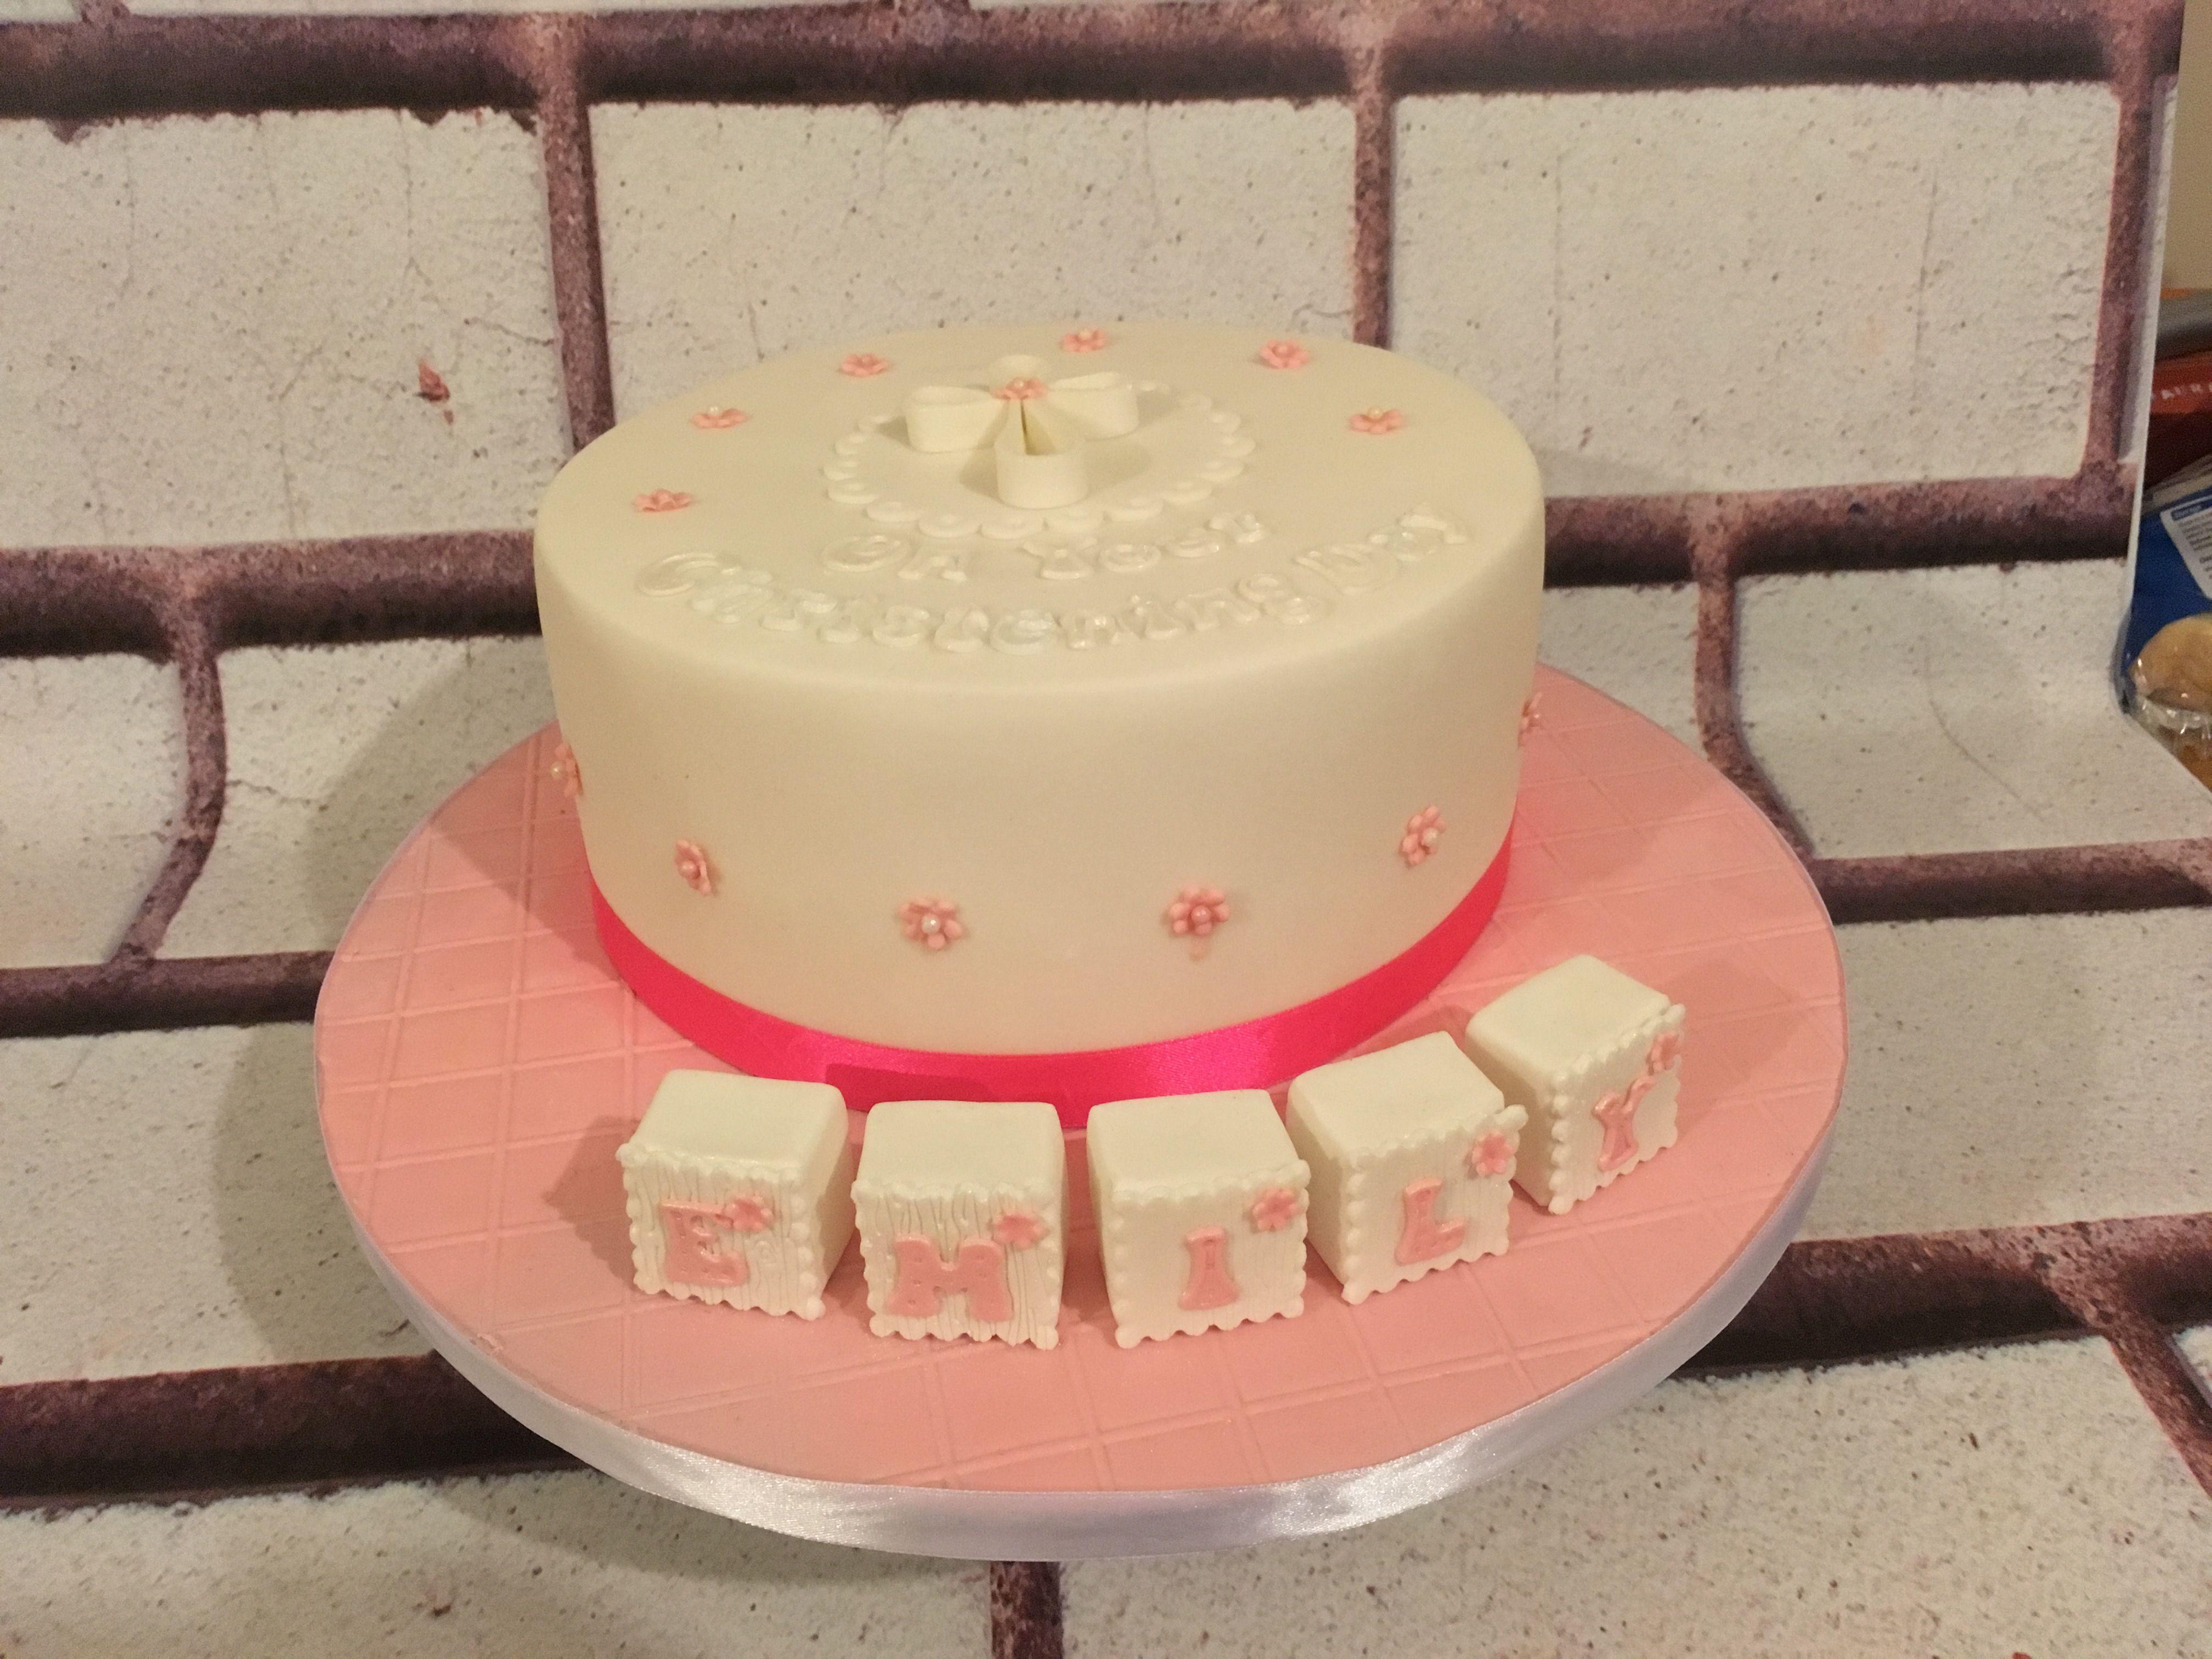 Christening Cake for a baby girl, pink and white cake, red velvet